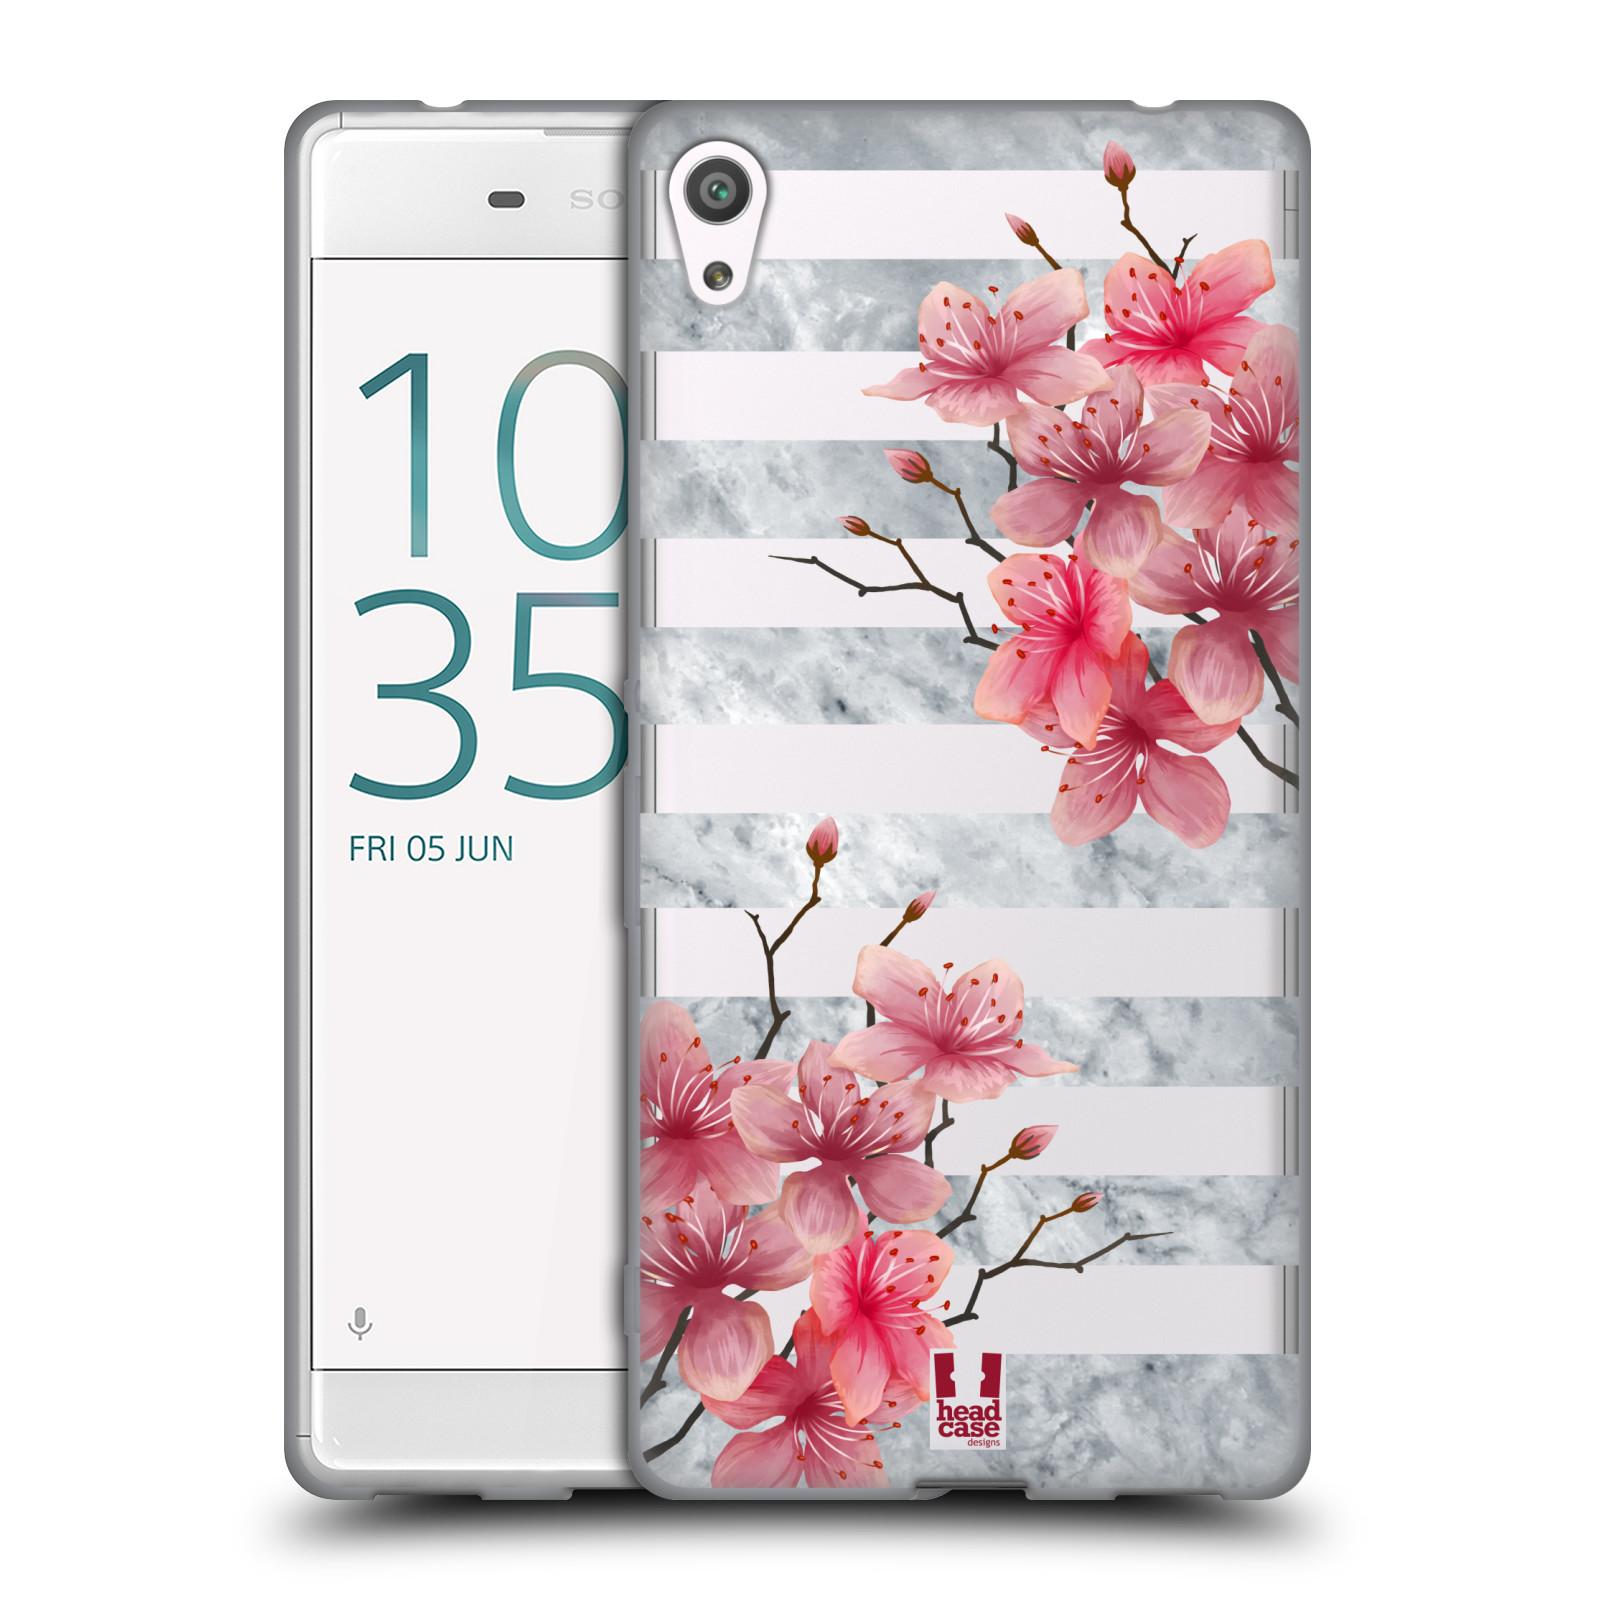 HEAD CASE silikonový obal na mobil Sony Xperia XA ULTRA růžové květy v rozkvětu a mramor